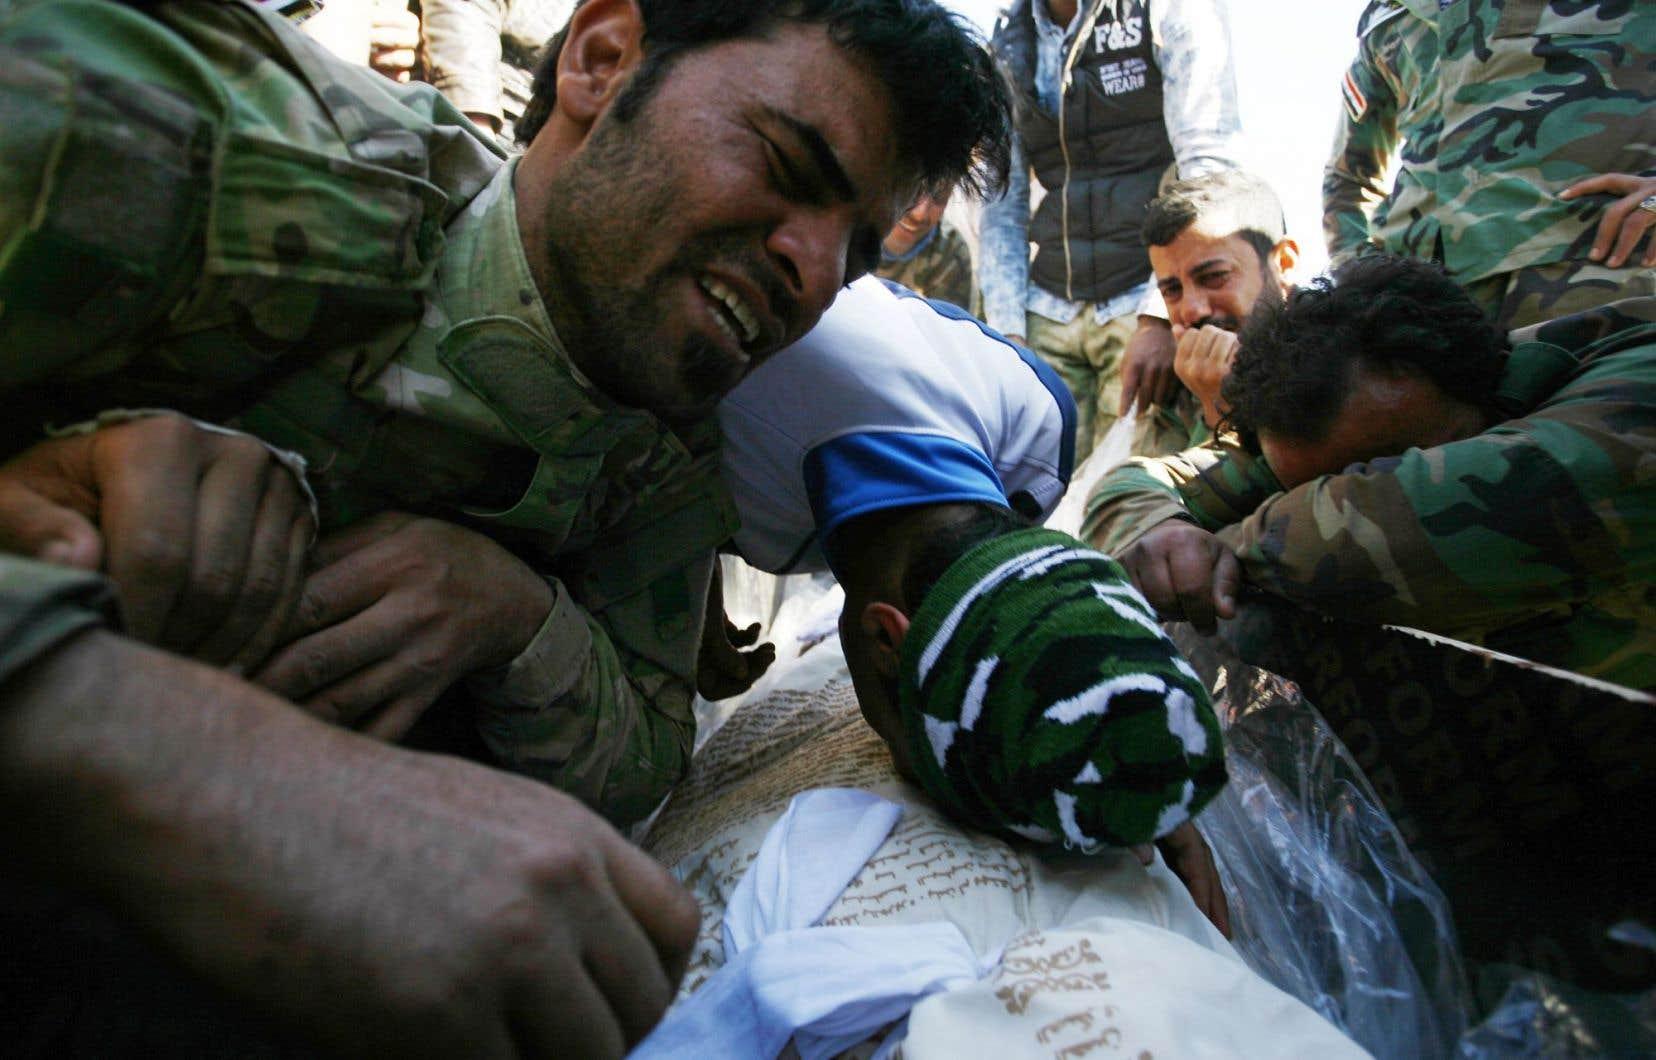 Pour des extrémistes comme les combattants du groupe État islamique, tout ce qui est extérieur à la nouvelle communauté qu'ils forment est envisagé comme l'œuvre du diable, non seulement l'Occident, mais aussi les musulmans eux-mêmes. Sur la photo, des Irakiens chiites pleurent la mort de soldats tués par le groupe EI.